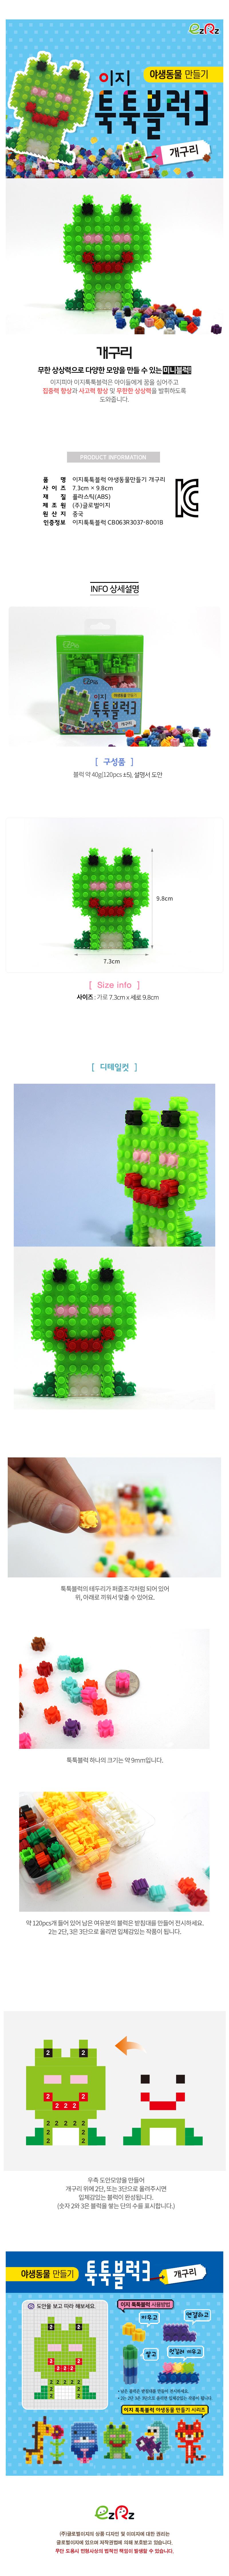 이지 툭툭블럭만들기 (개구리)1,770원-이지피아키덜트/취미, 블록/퍼즐, 레고/블록, 블록완구바보사랑이지 툭툭블럭만들기 (개구리)1,770원-이지피아키덜트/취미, 블록/퍼즐, 레고/블록, 블록완구바보사랑